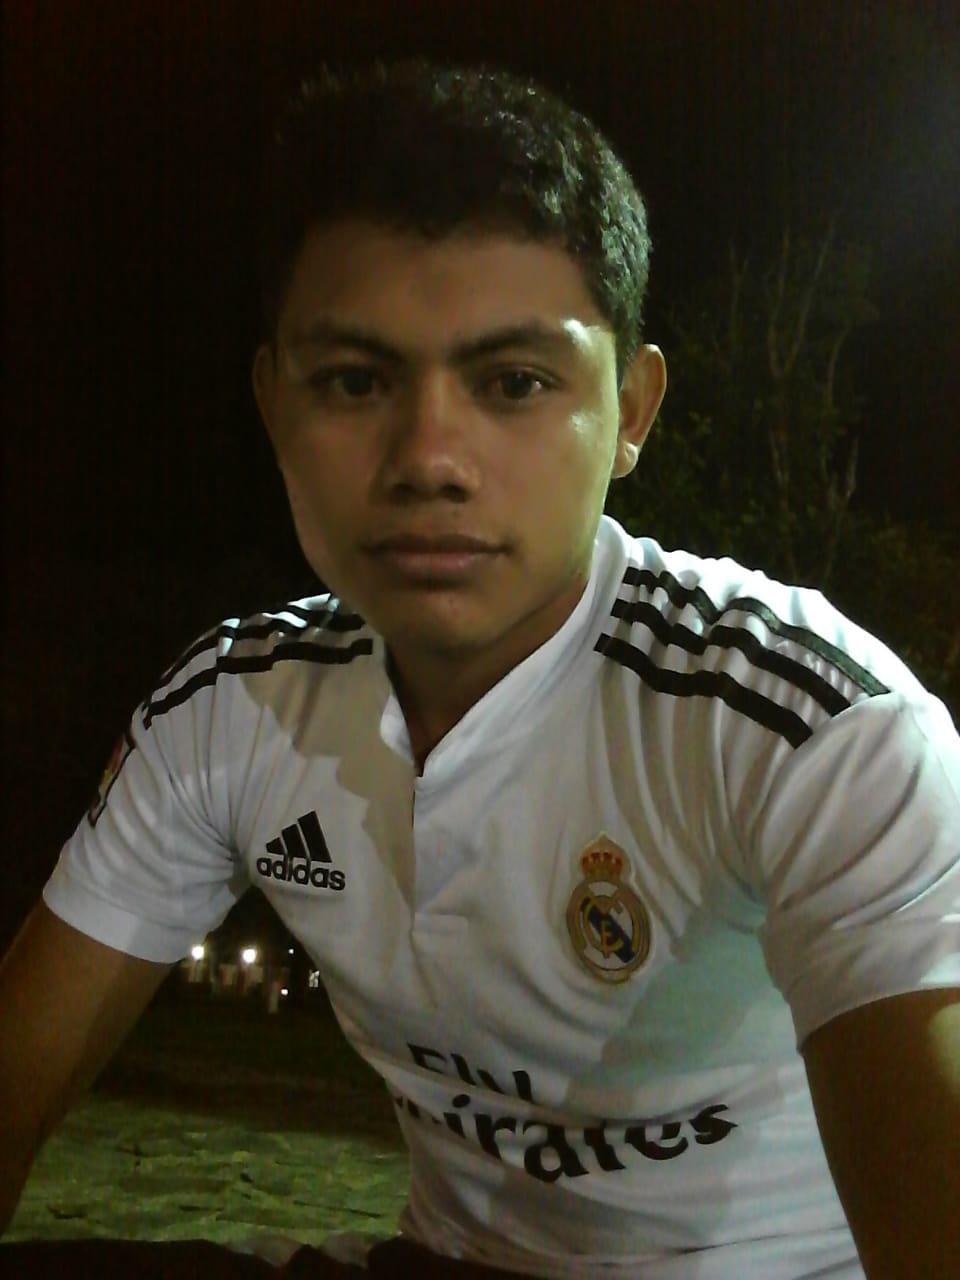 Hola a todos mi nombre es Ronald Javier Boituré Rojas tengo 19 años. Soy del municipio de San Rafael de velasco soy un ex alumno de la escuela taller de la chiquitania de la especialida de construcción civil y soy amante del fútbol